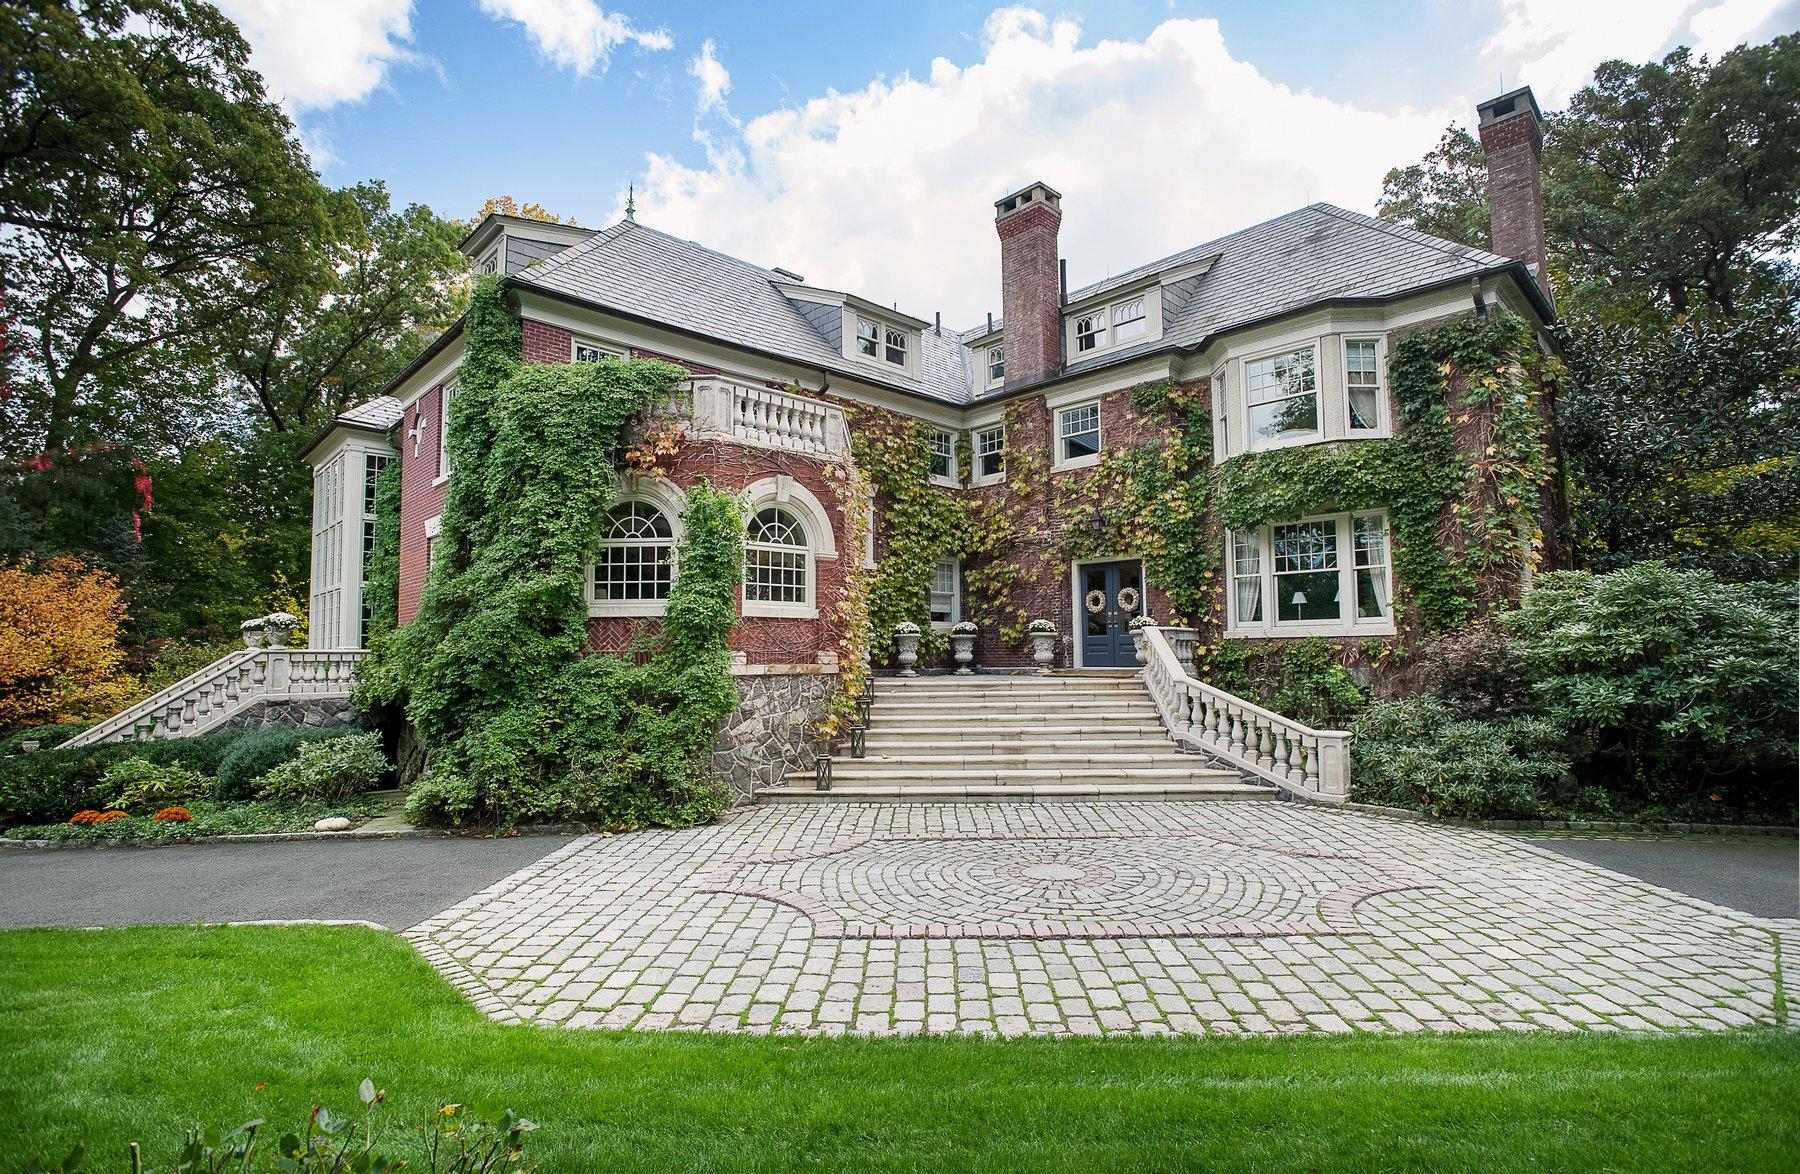 Частный односемейный дом для того Продажа на Classic Northside Center-Hall Colonial 11 Ridge Road Summit, Нью-Джерси 07901 Соединенные Штаты